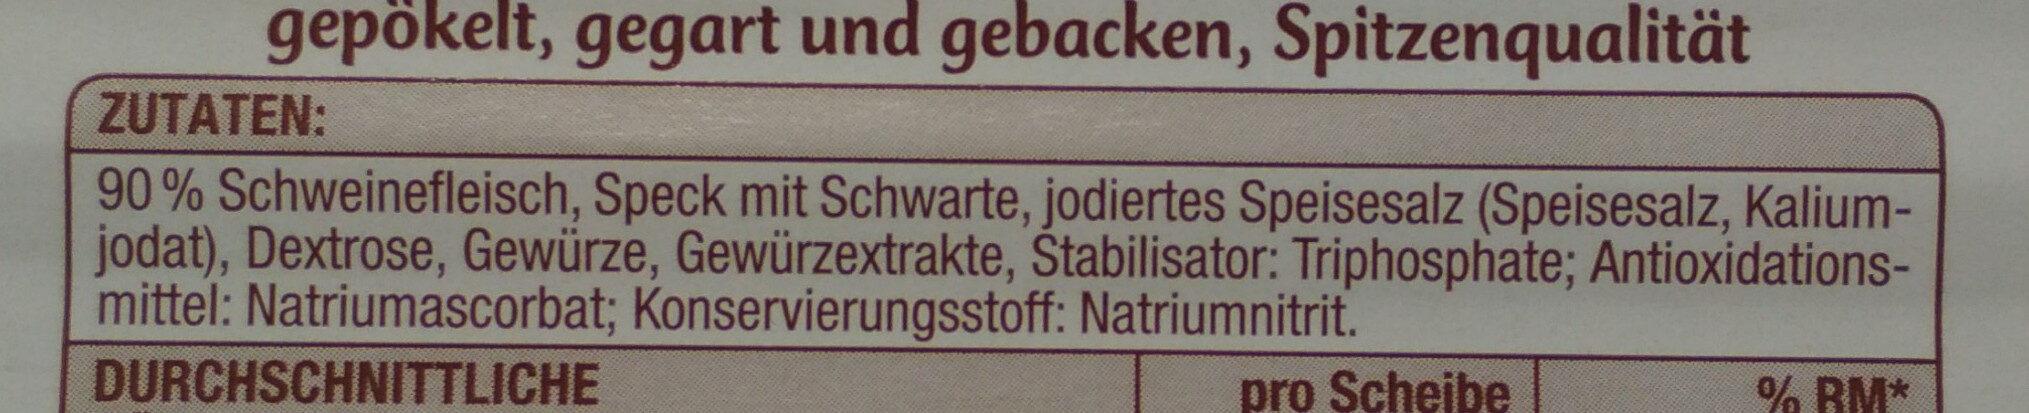 Delikatess Krustenschinken, Gepökelt Und Gegart - Zutaten - de